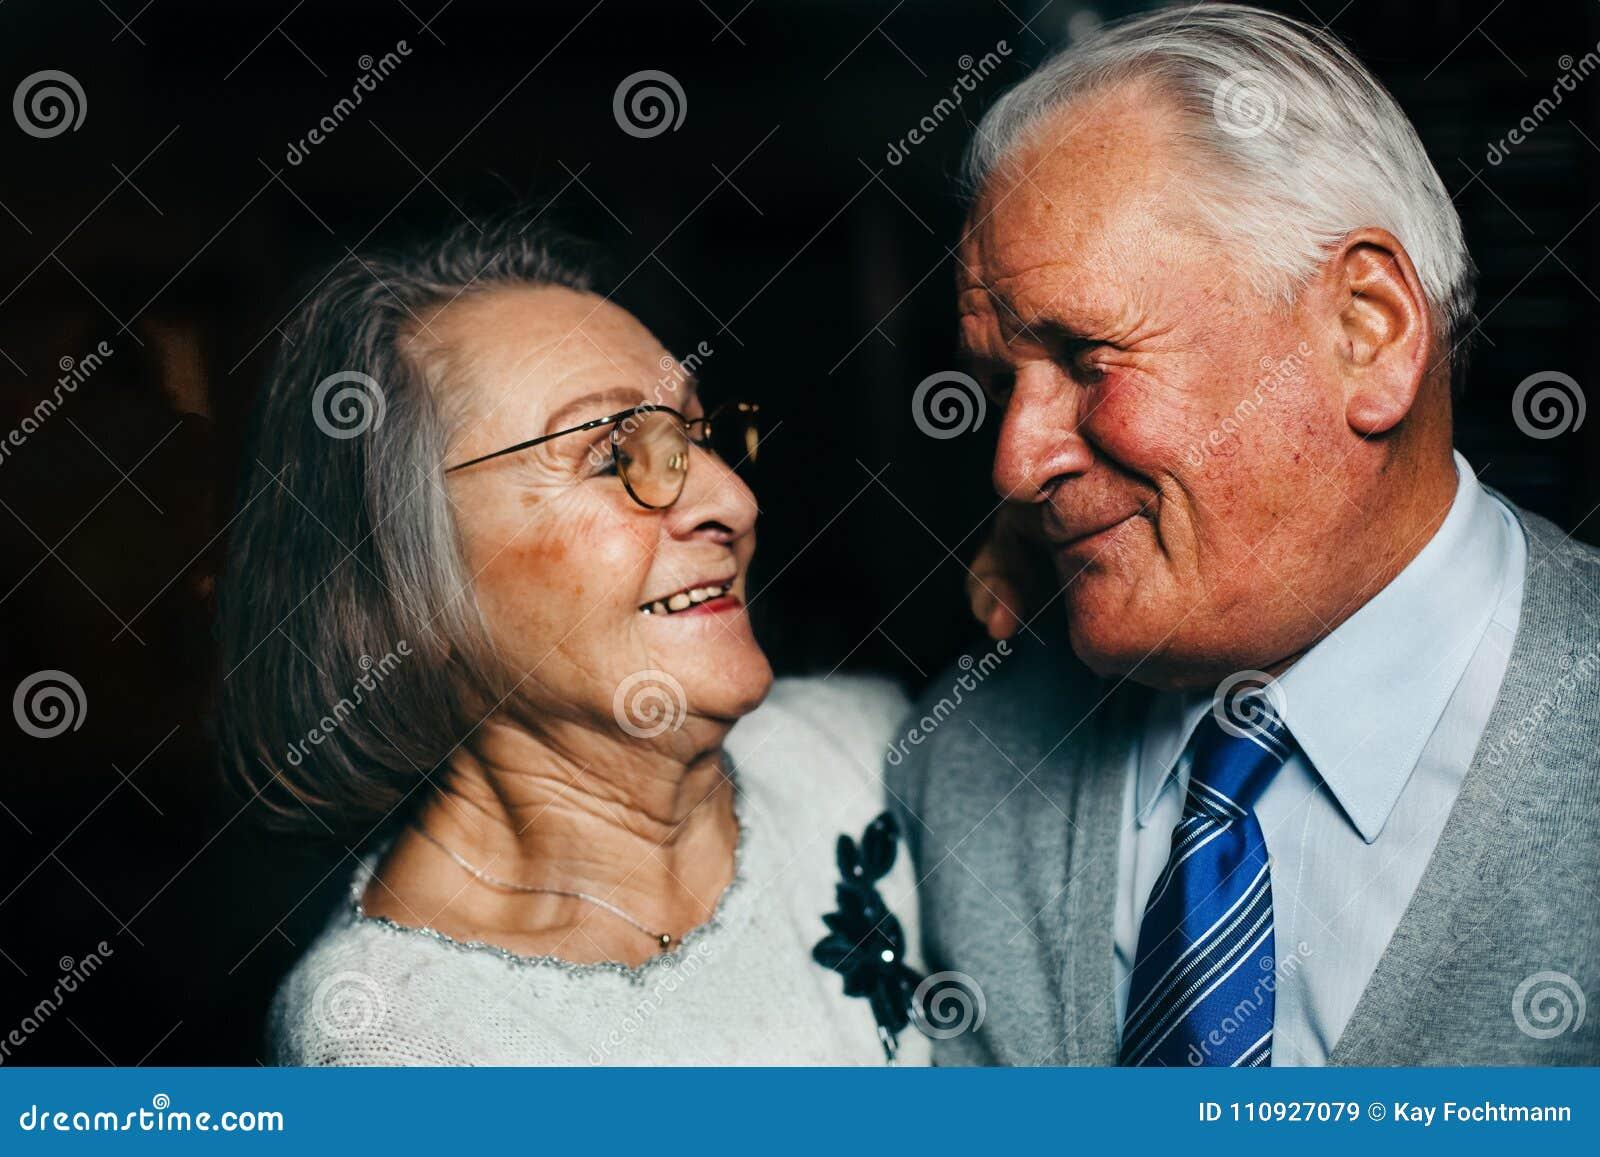 Portrait of elderly happy couple smiling